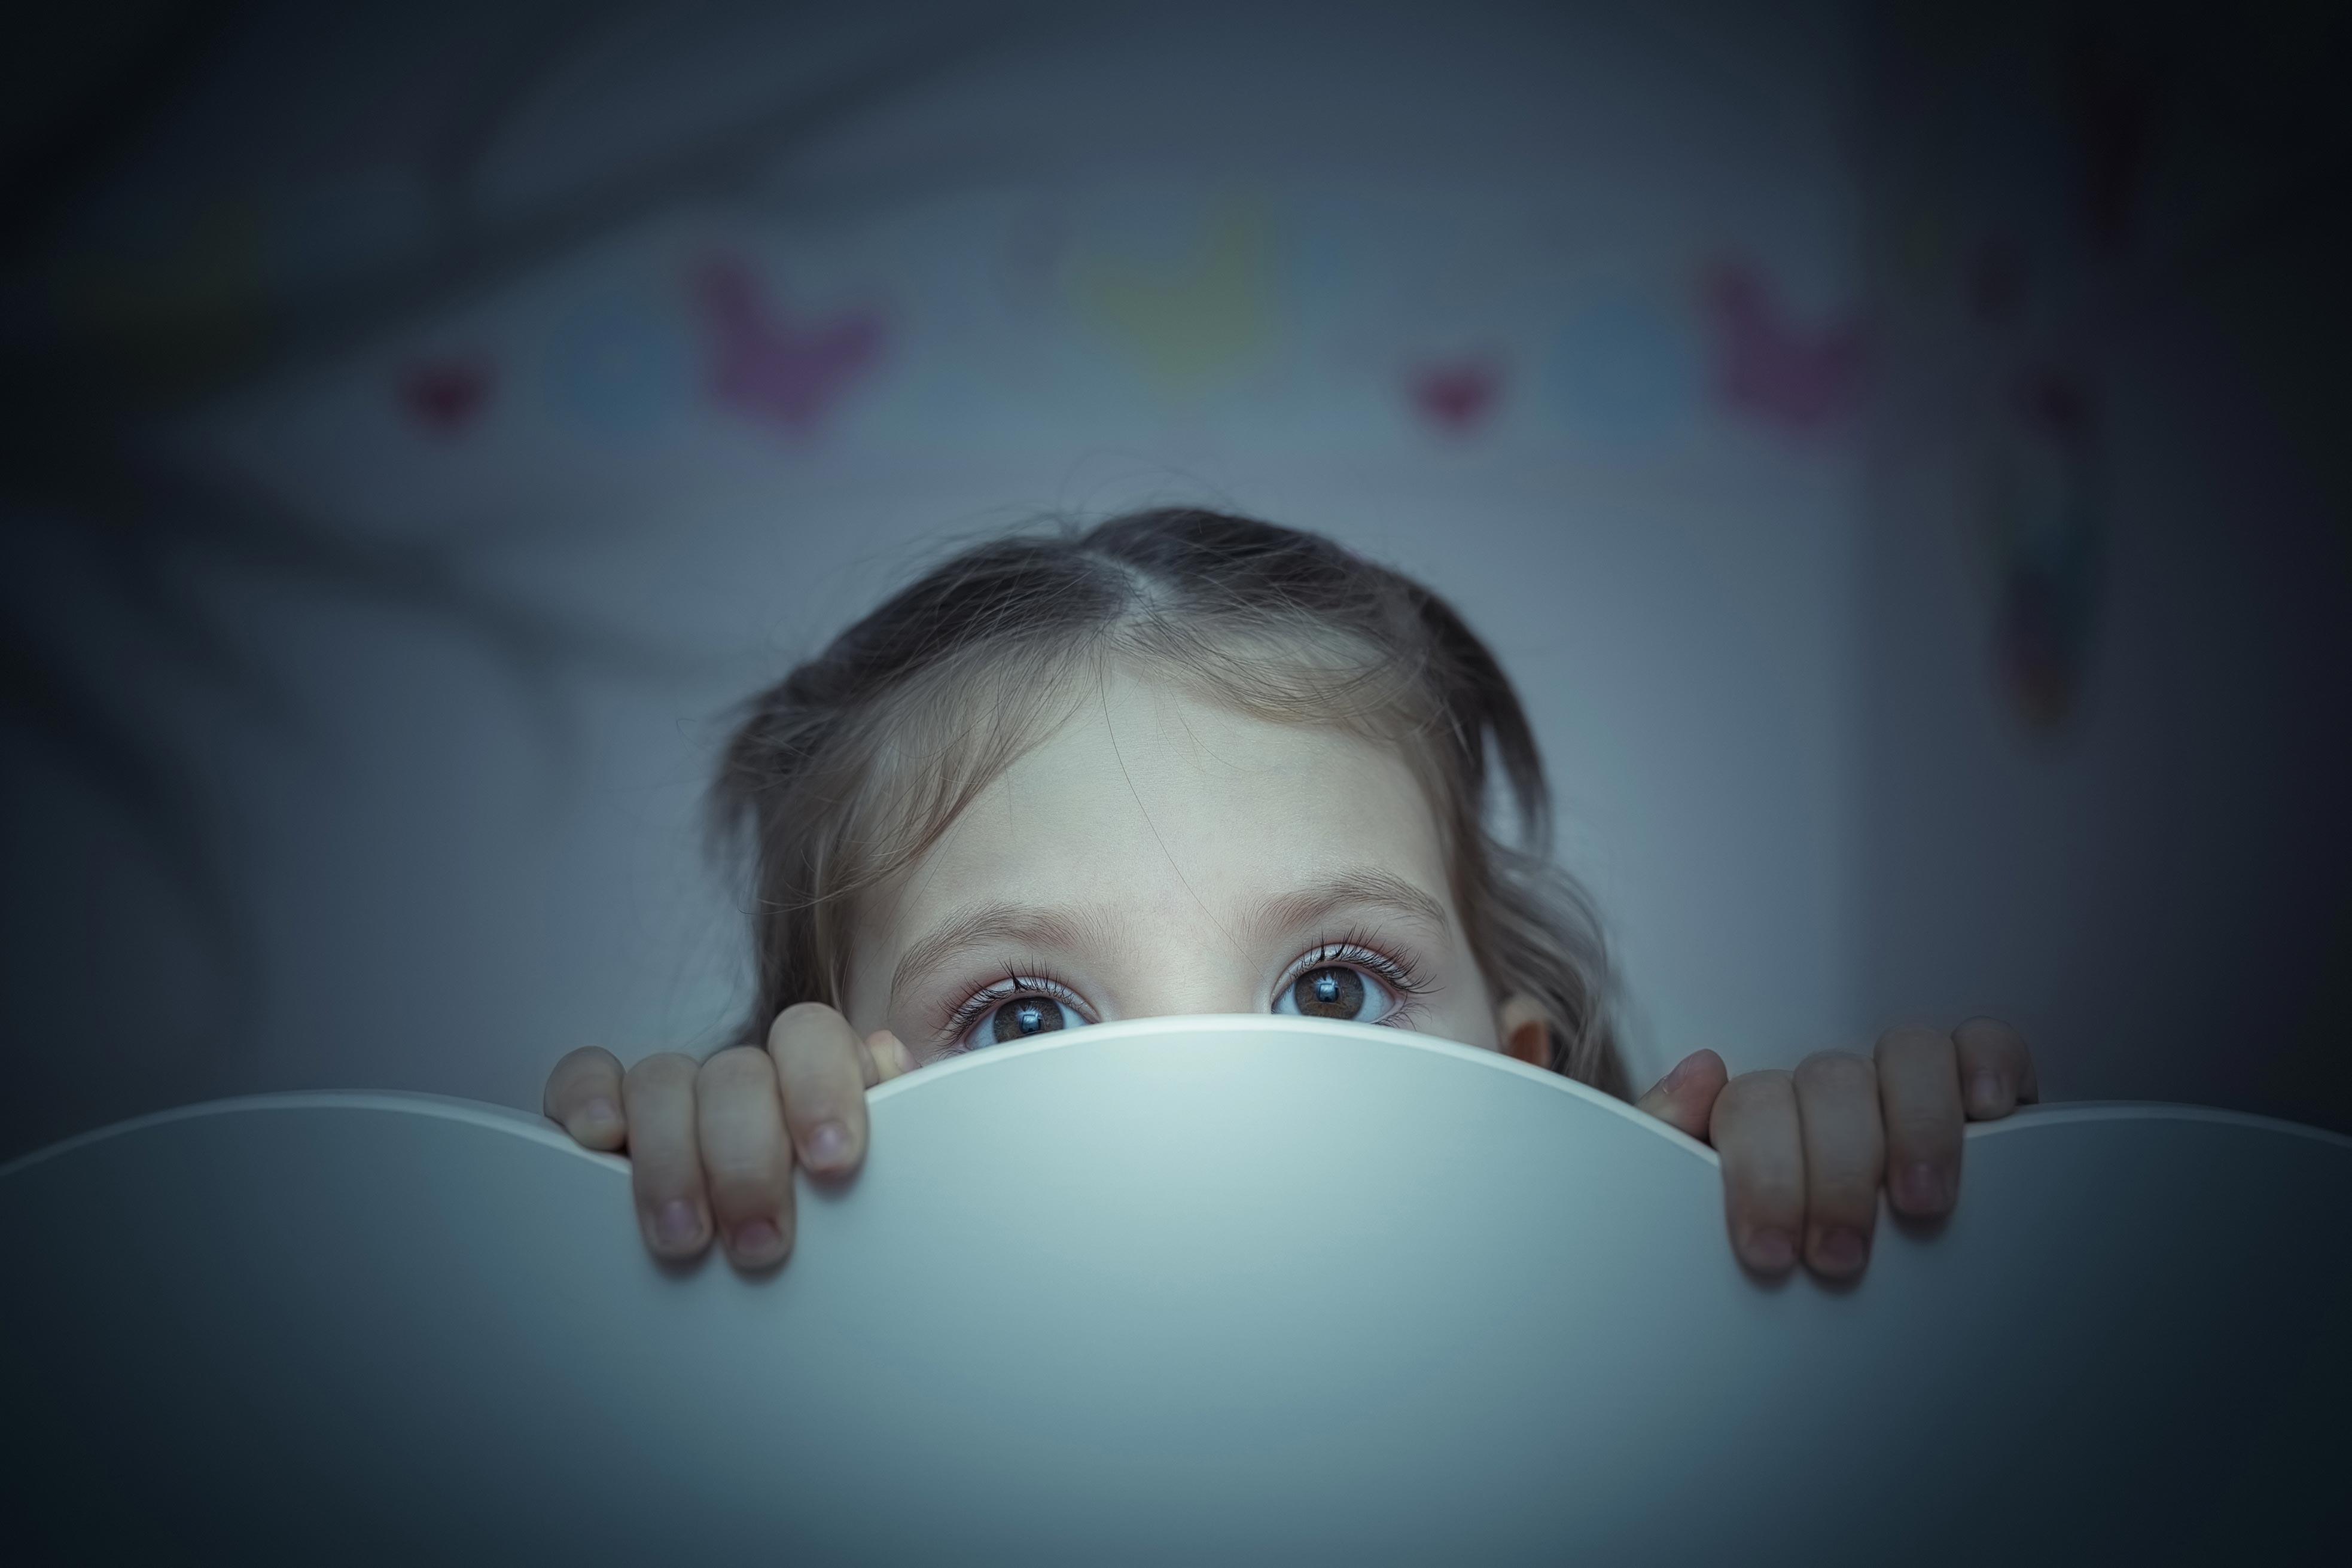 Come superare la paura del buio? E perché si ha paura da bambini e a volte anche da adulti? I Consigli della psicologa Noemi Zenzale.